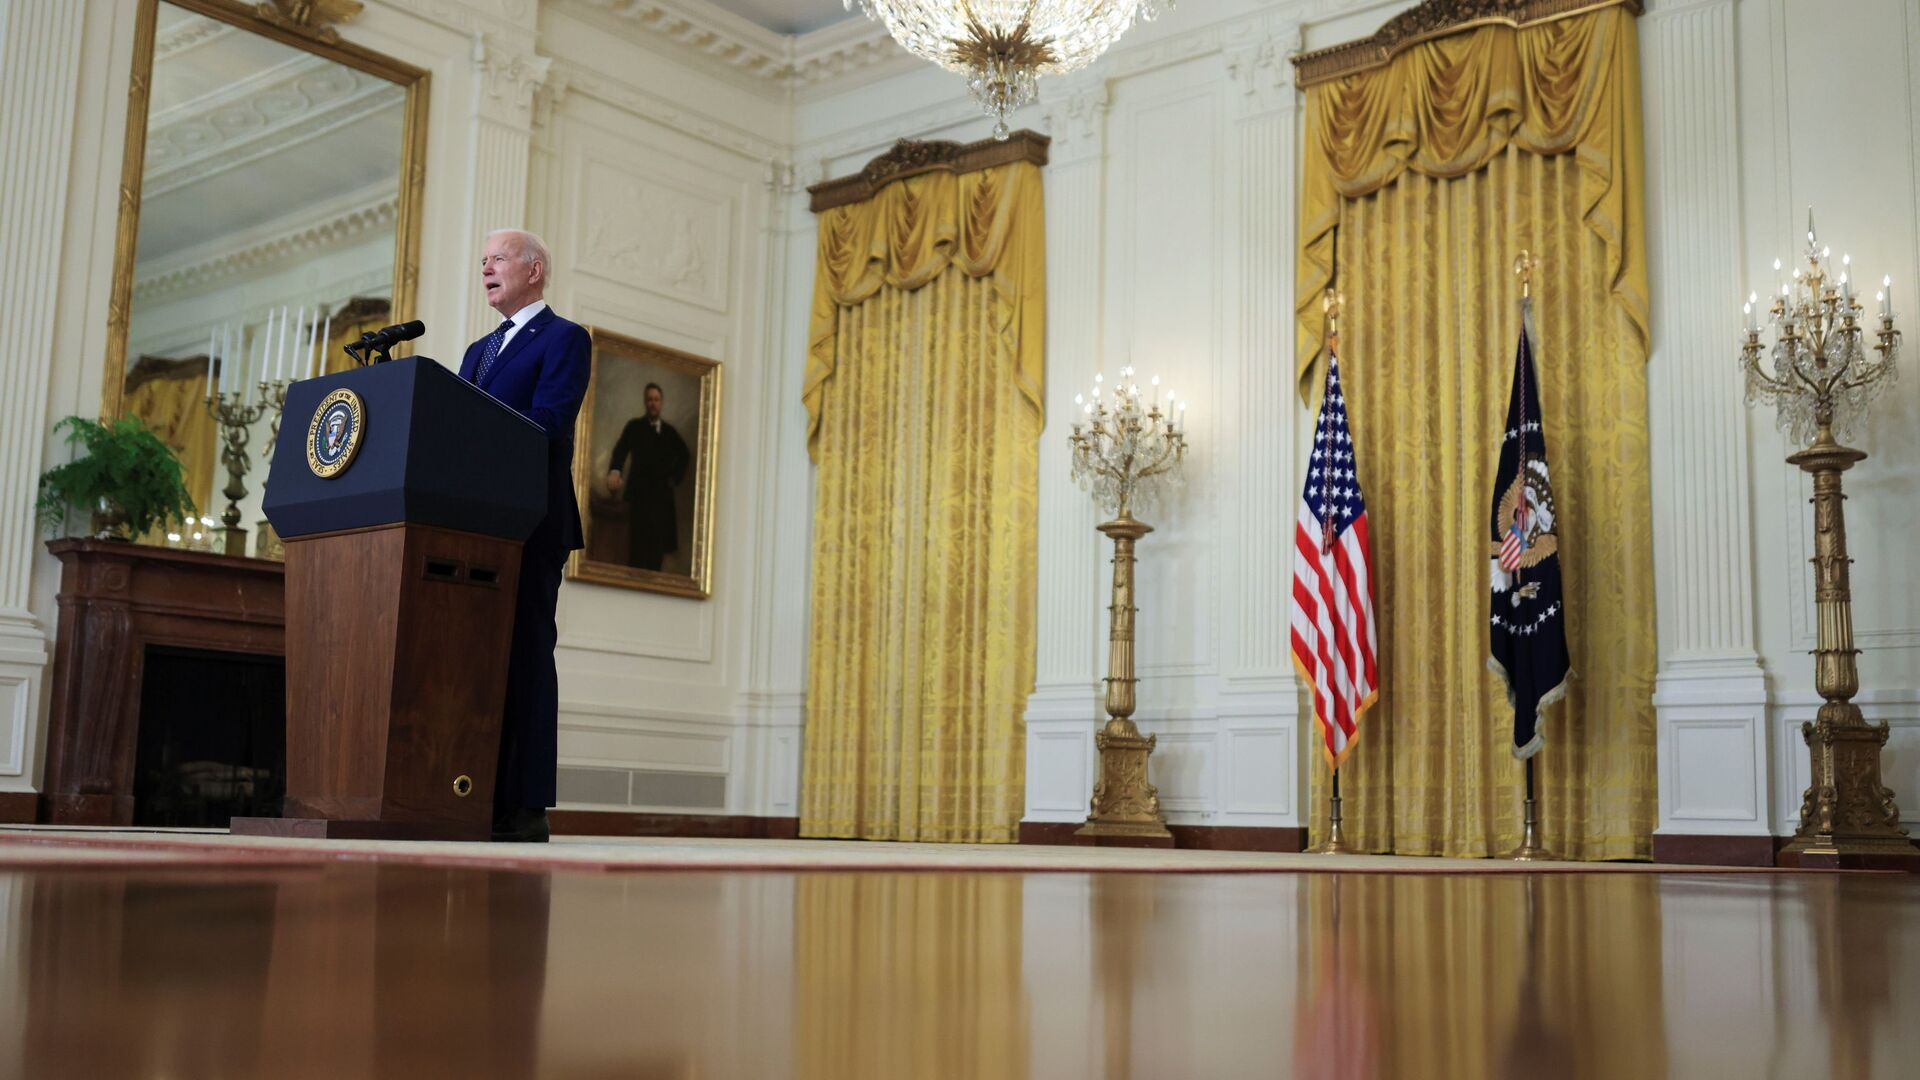 Prezydent USA Joe Biden w Białym Domu. - Sputnik Polska, 1920, 19.07.2021